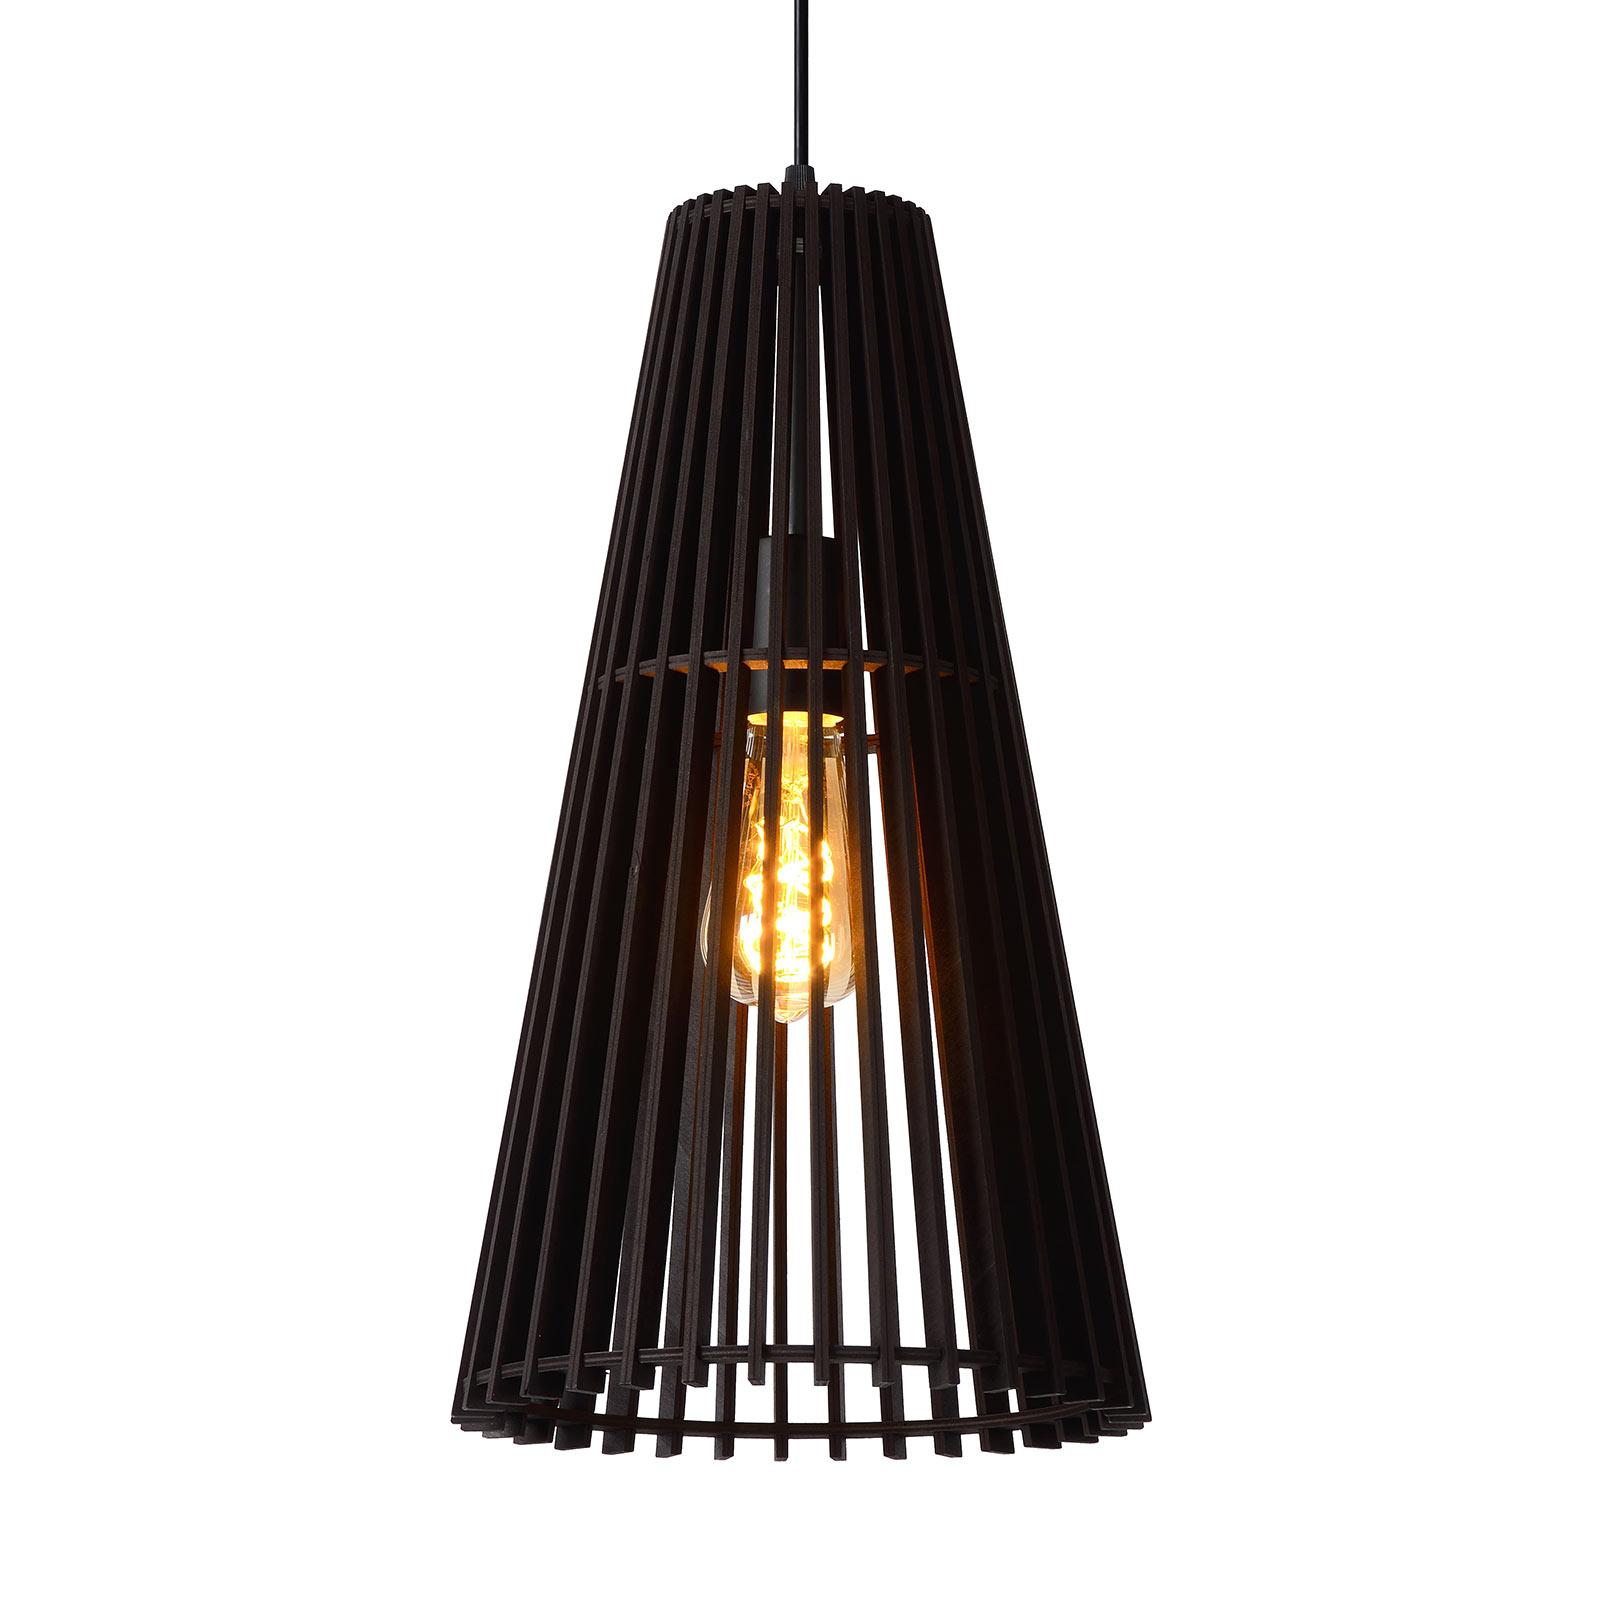 Lampa wisząca Noralie, klosz z drewnianych lamel